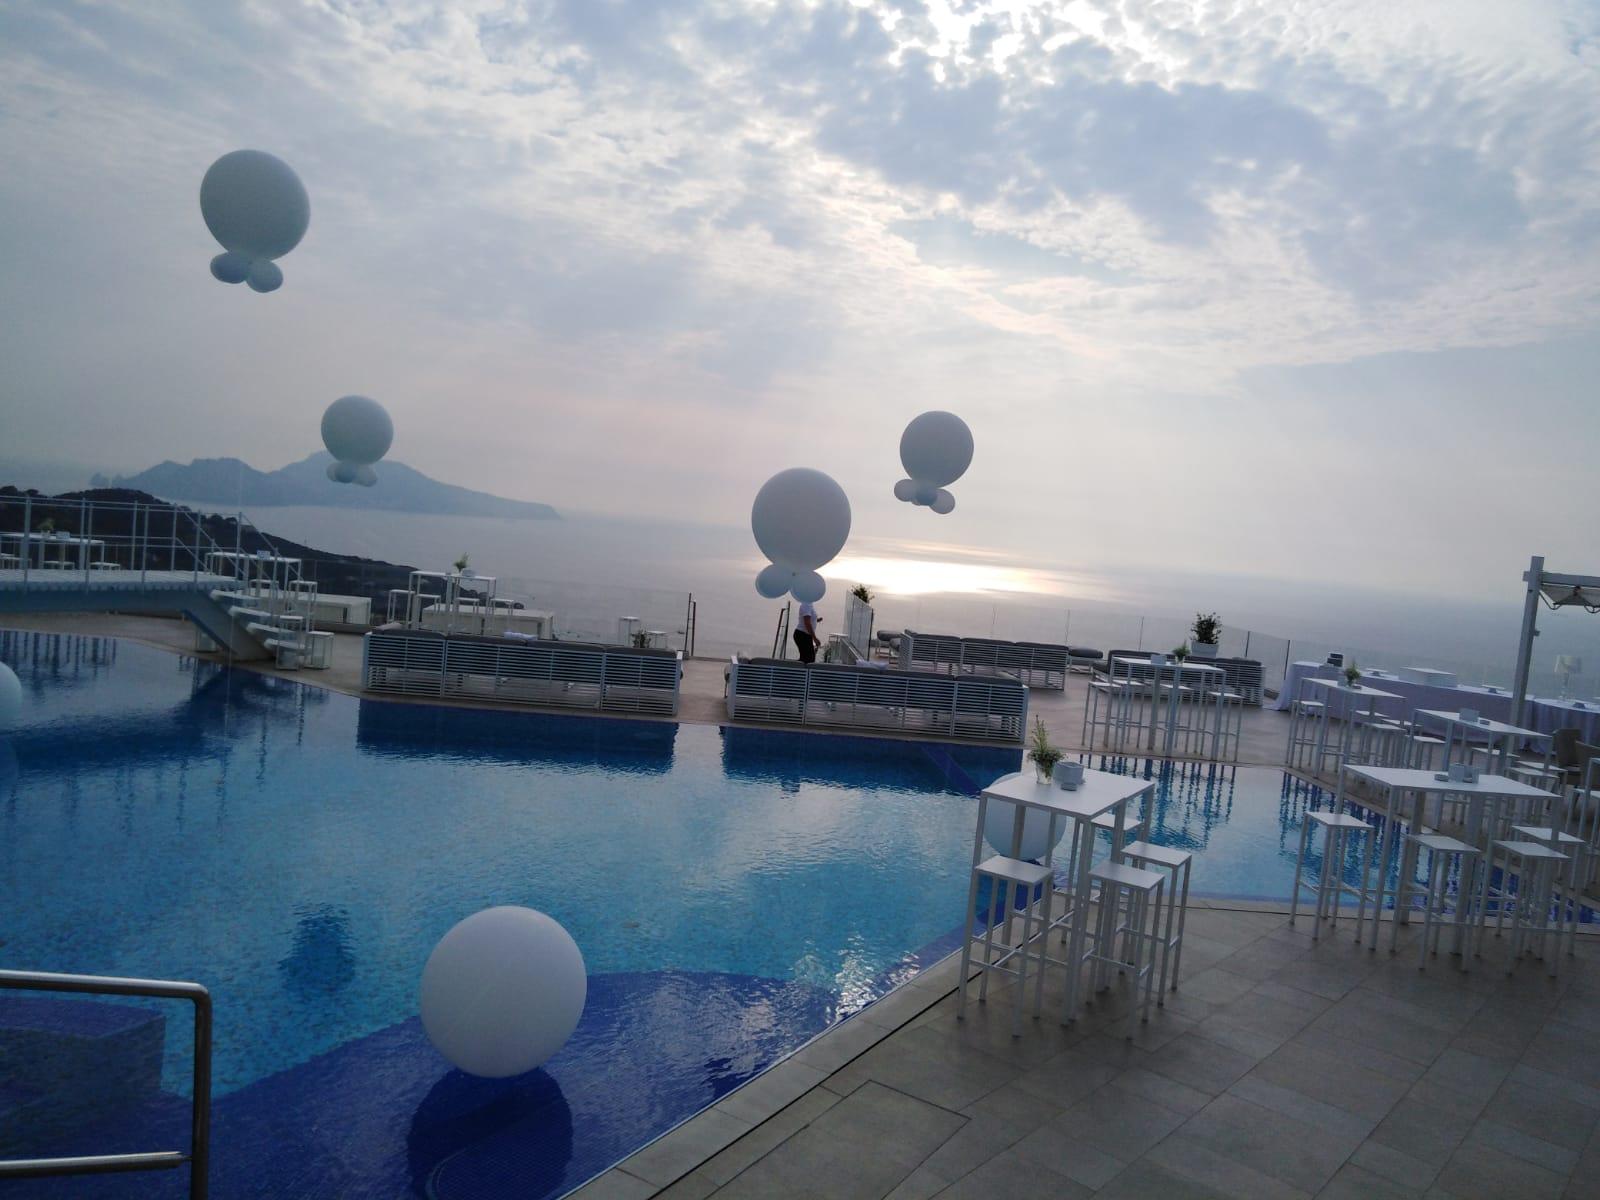 Balloon Express Shop Atripalda, palloncini, matrimonio, wedding, sposincampania, sposi campania, animazione campania, balloon express atripalda idee originali, balloon, archi